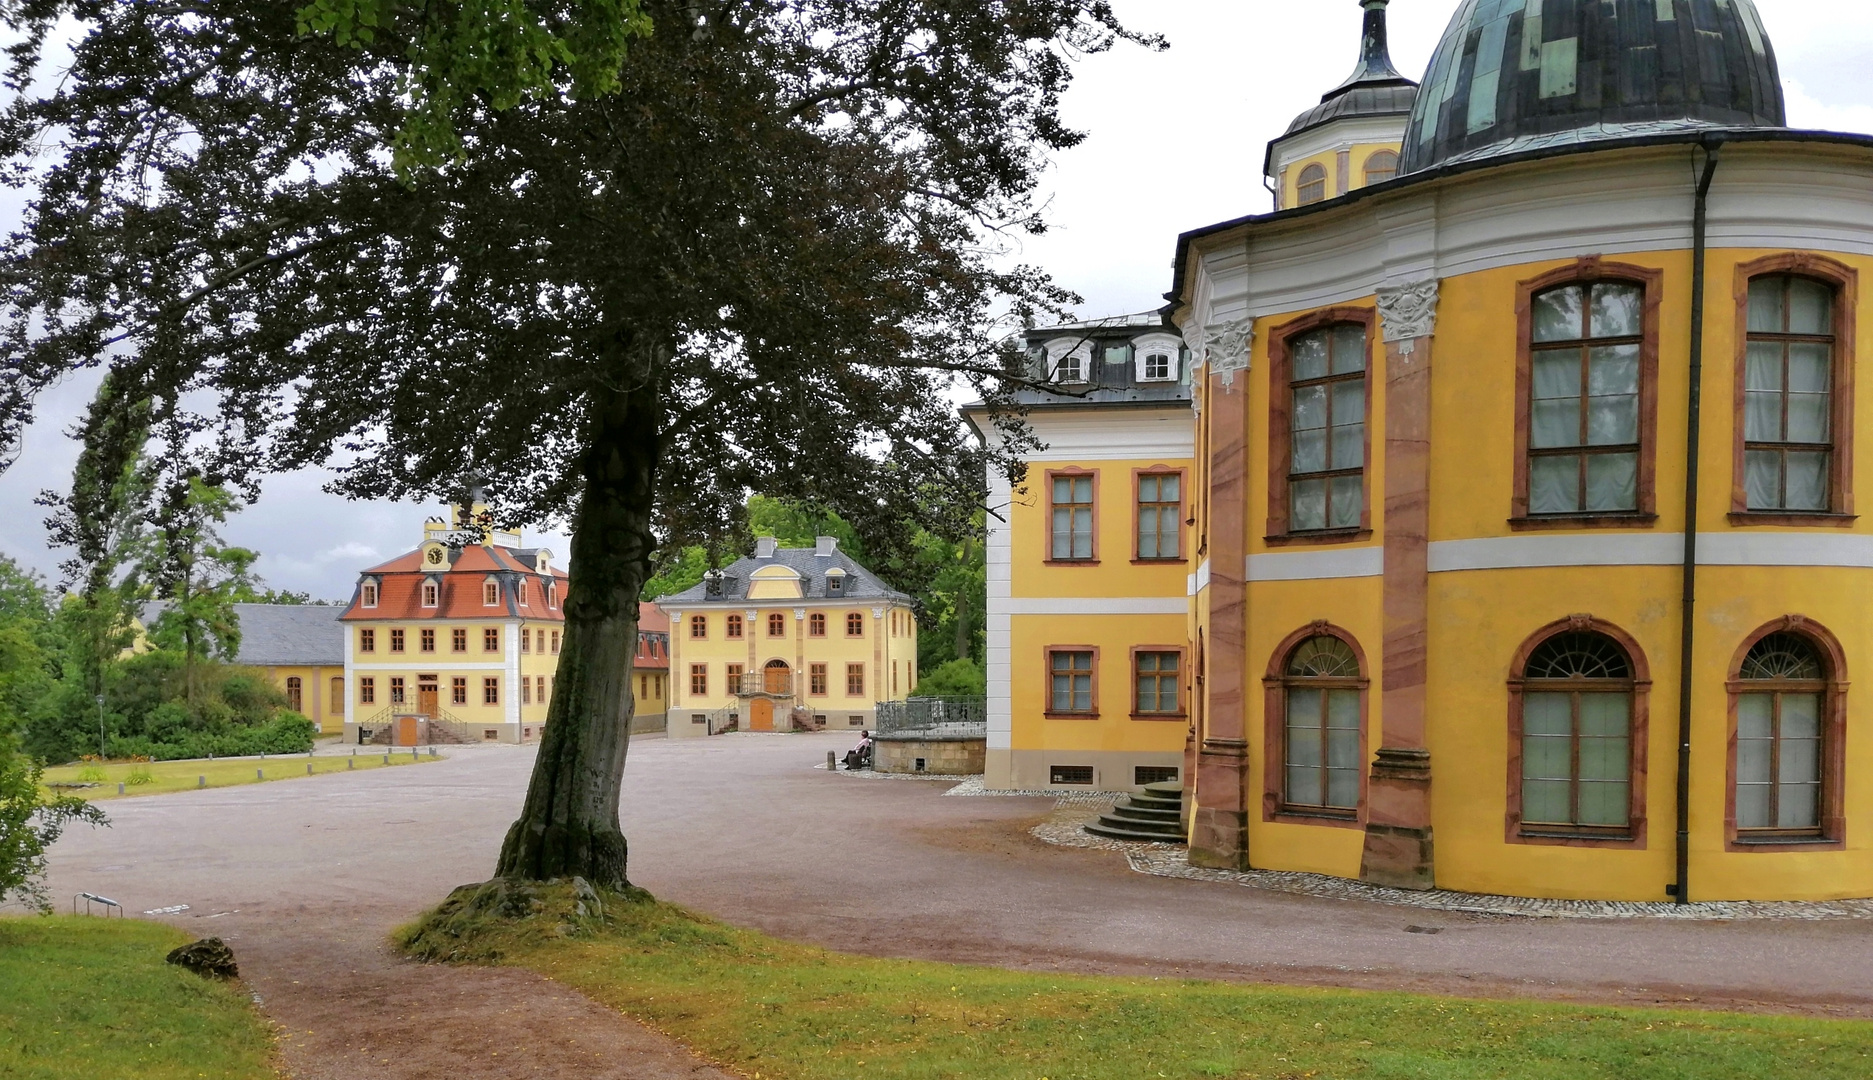 Schlossanlage Belvedere in Weimar